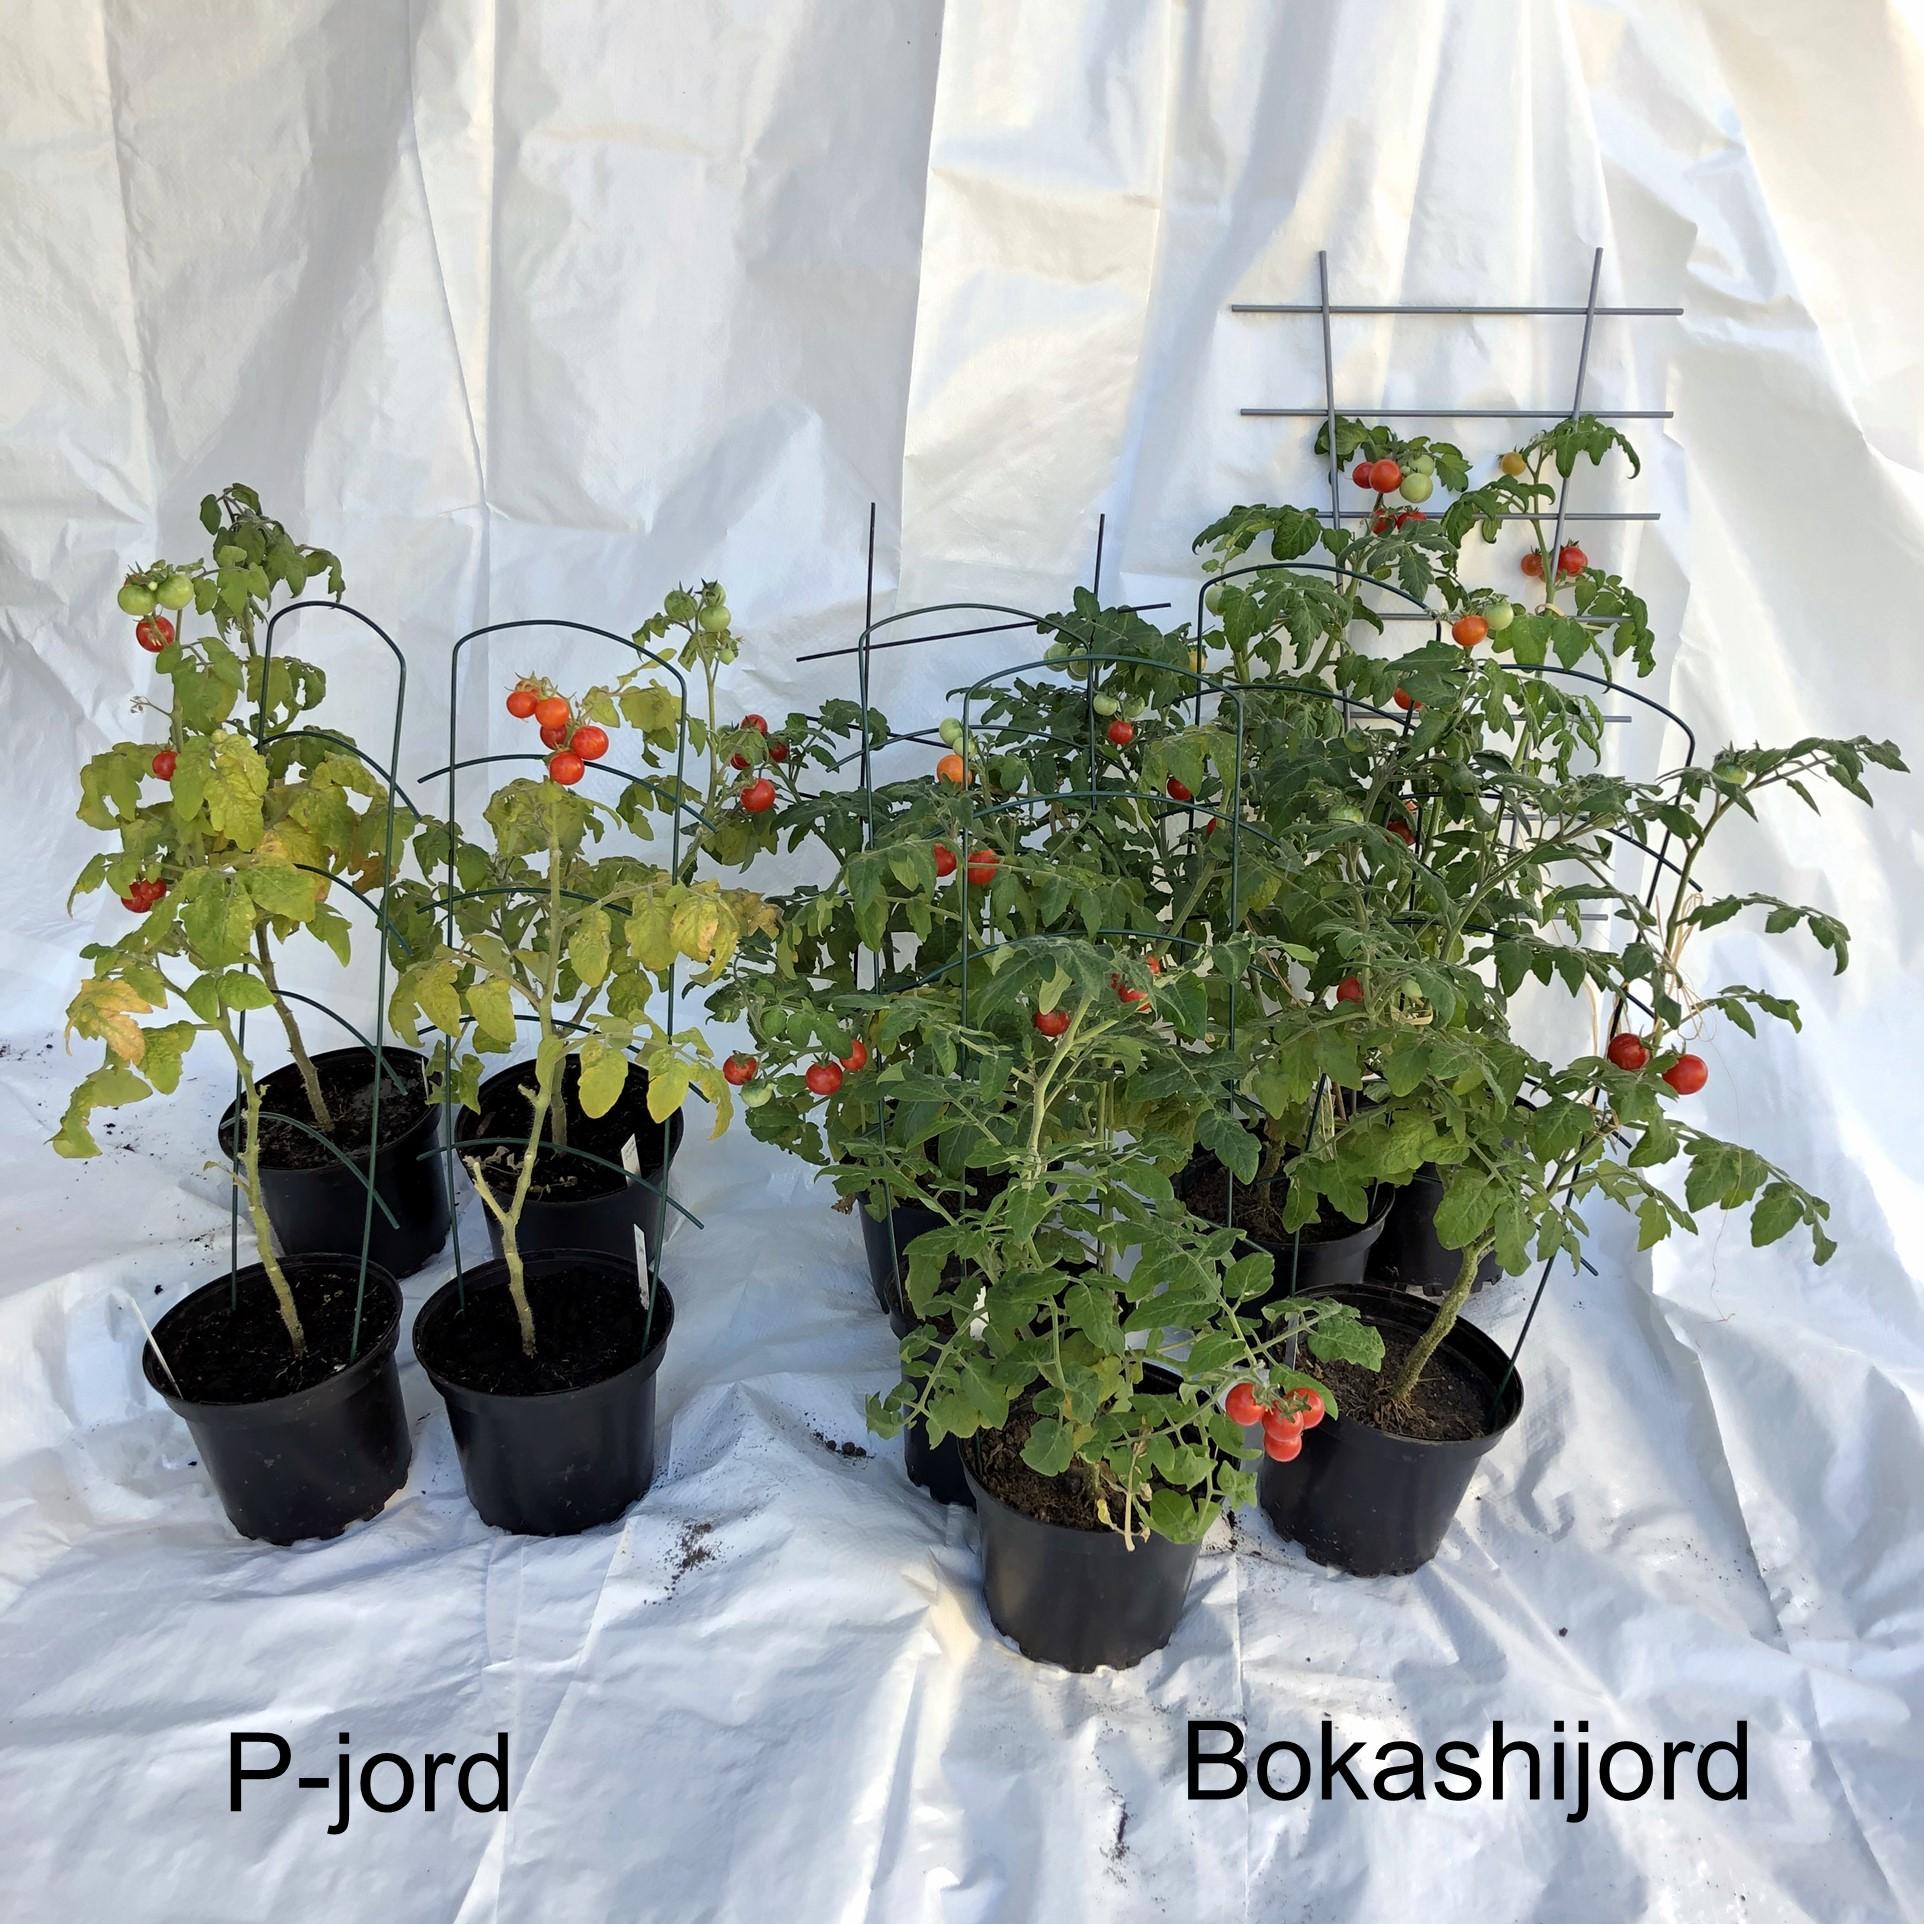 Resultat av test med bokashijord och köpt jord